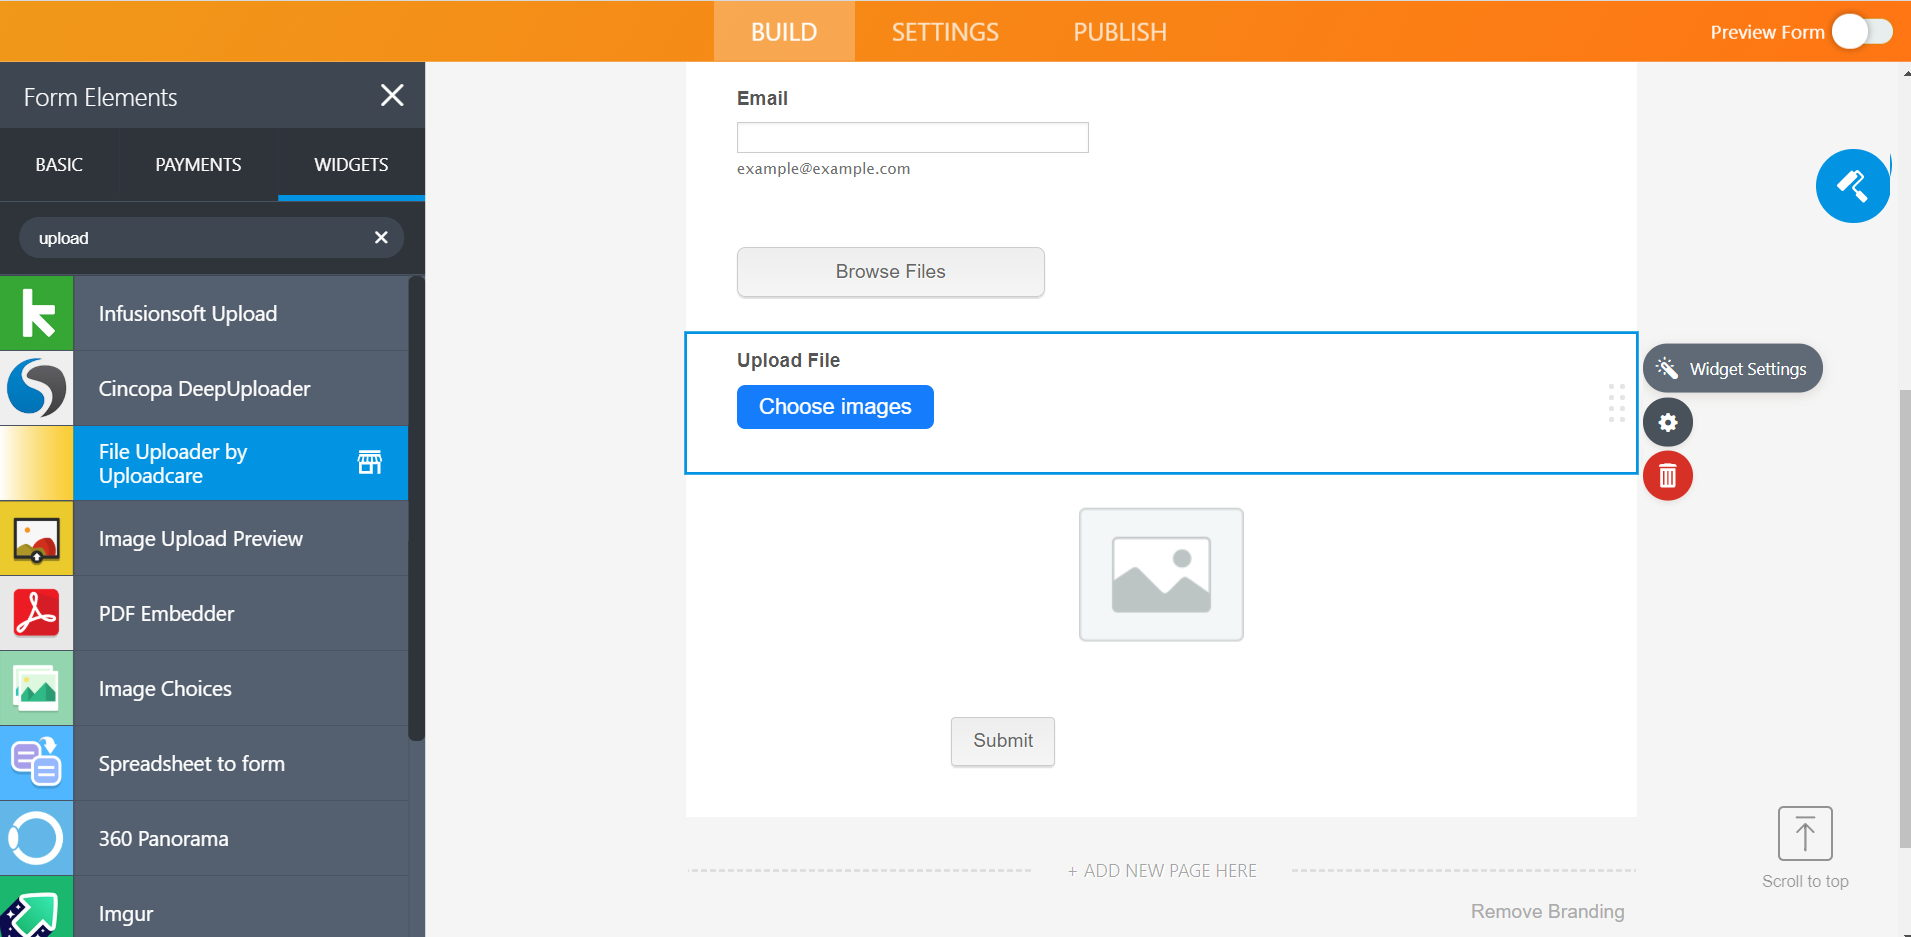 Adding Uploadcare File Uploader to JotForm